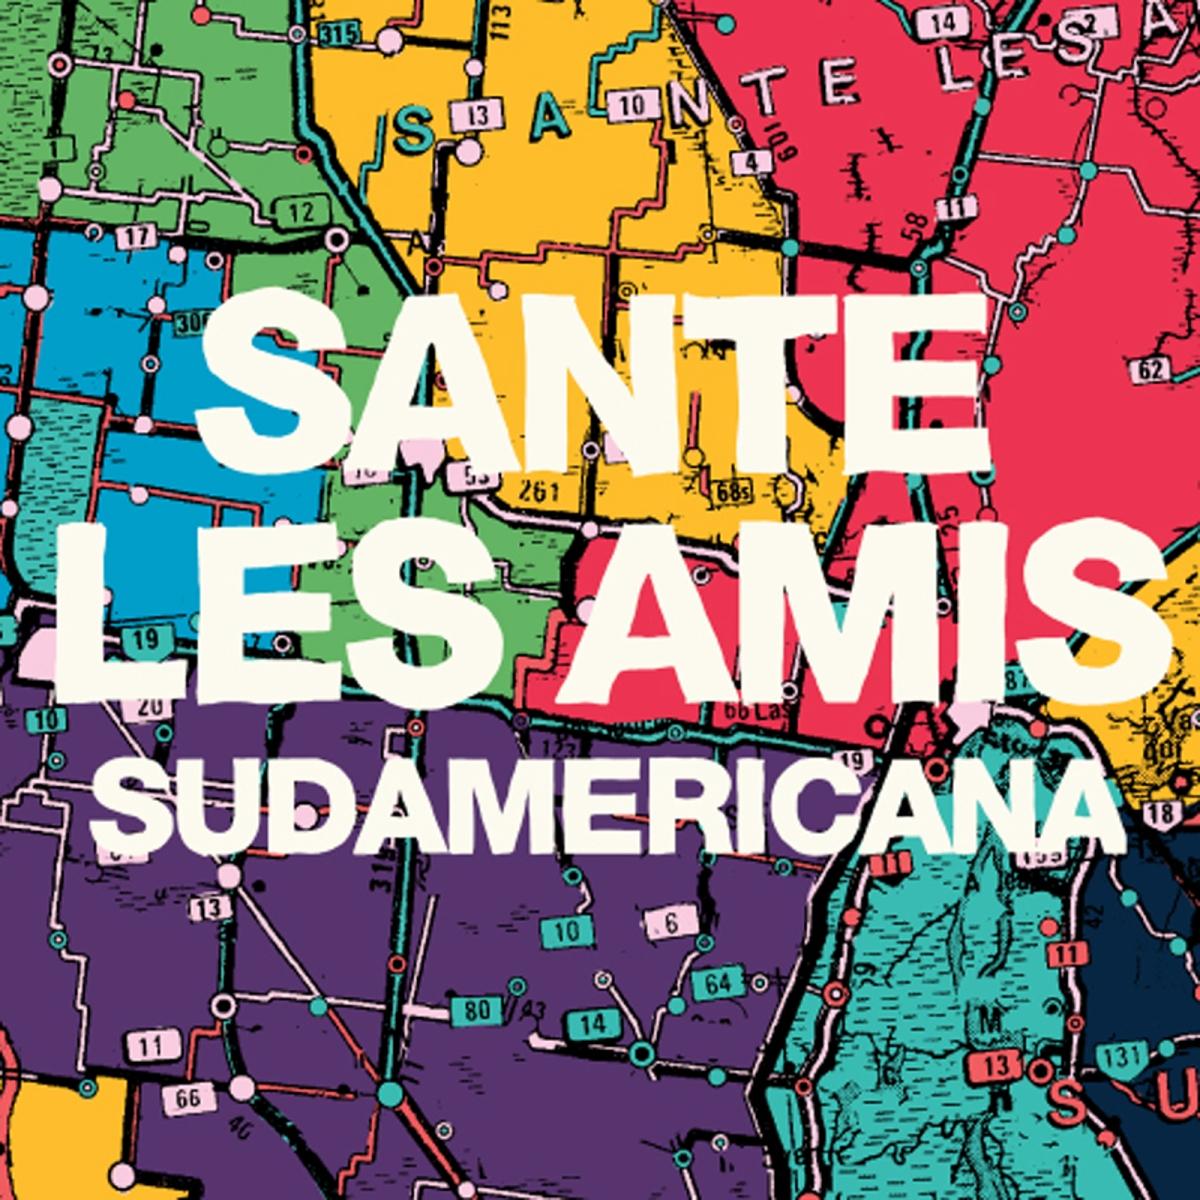 Santé Les Amis - BRASIL - FREE Download